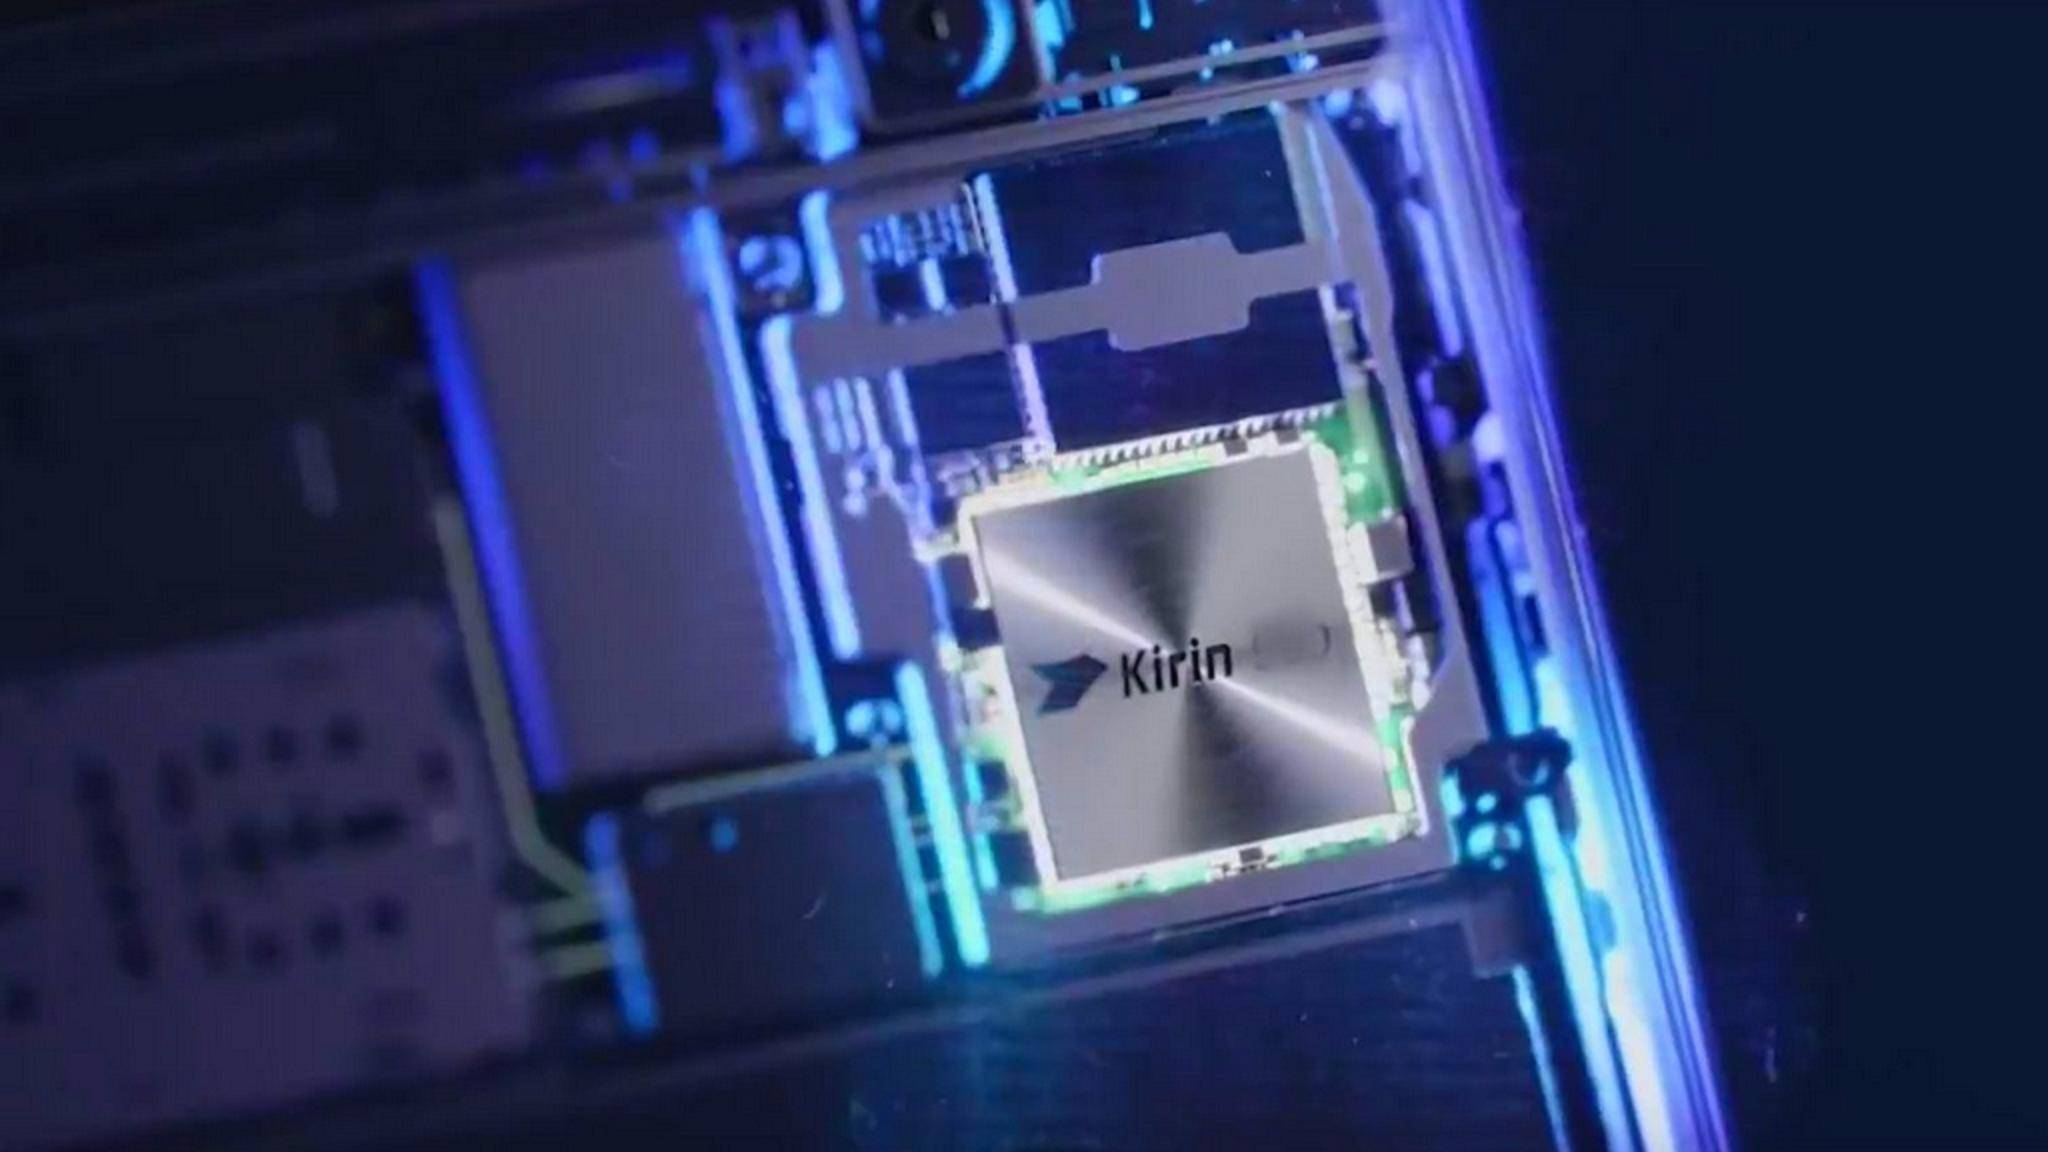 Der Kirin-970-Prozessor soll der heimliche Star des Mate 10 Pro sein.